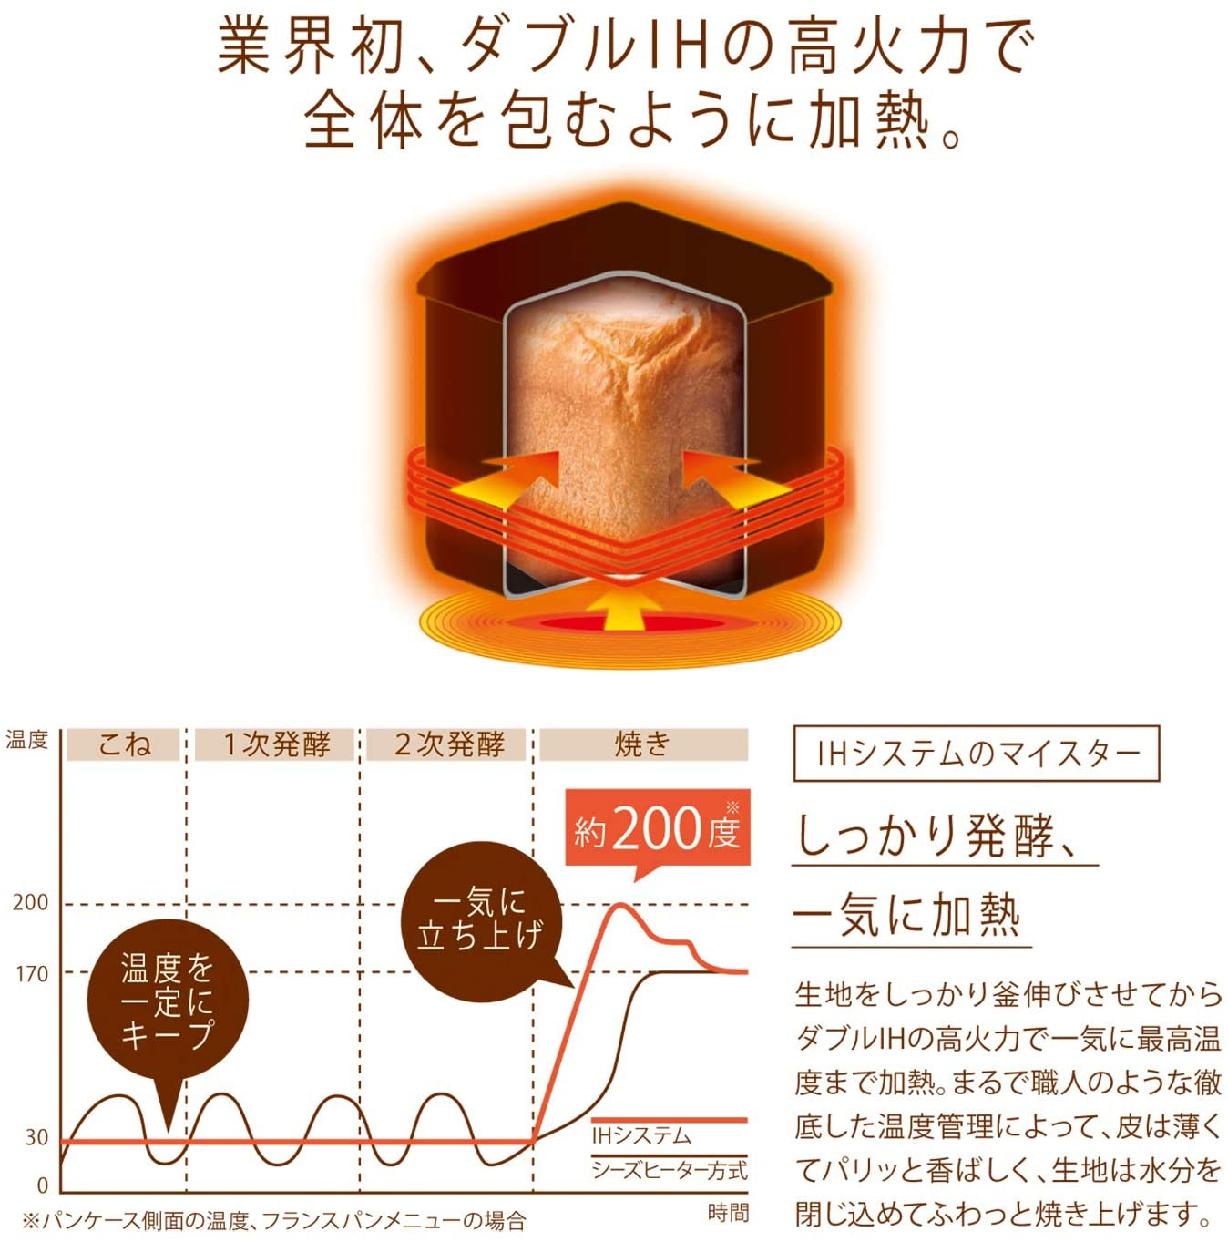 タイガー魔法瓶(たいがーまほうびん)ホームベーカリー KBY-A100の商品画像4